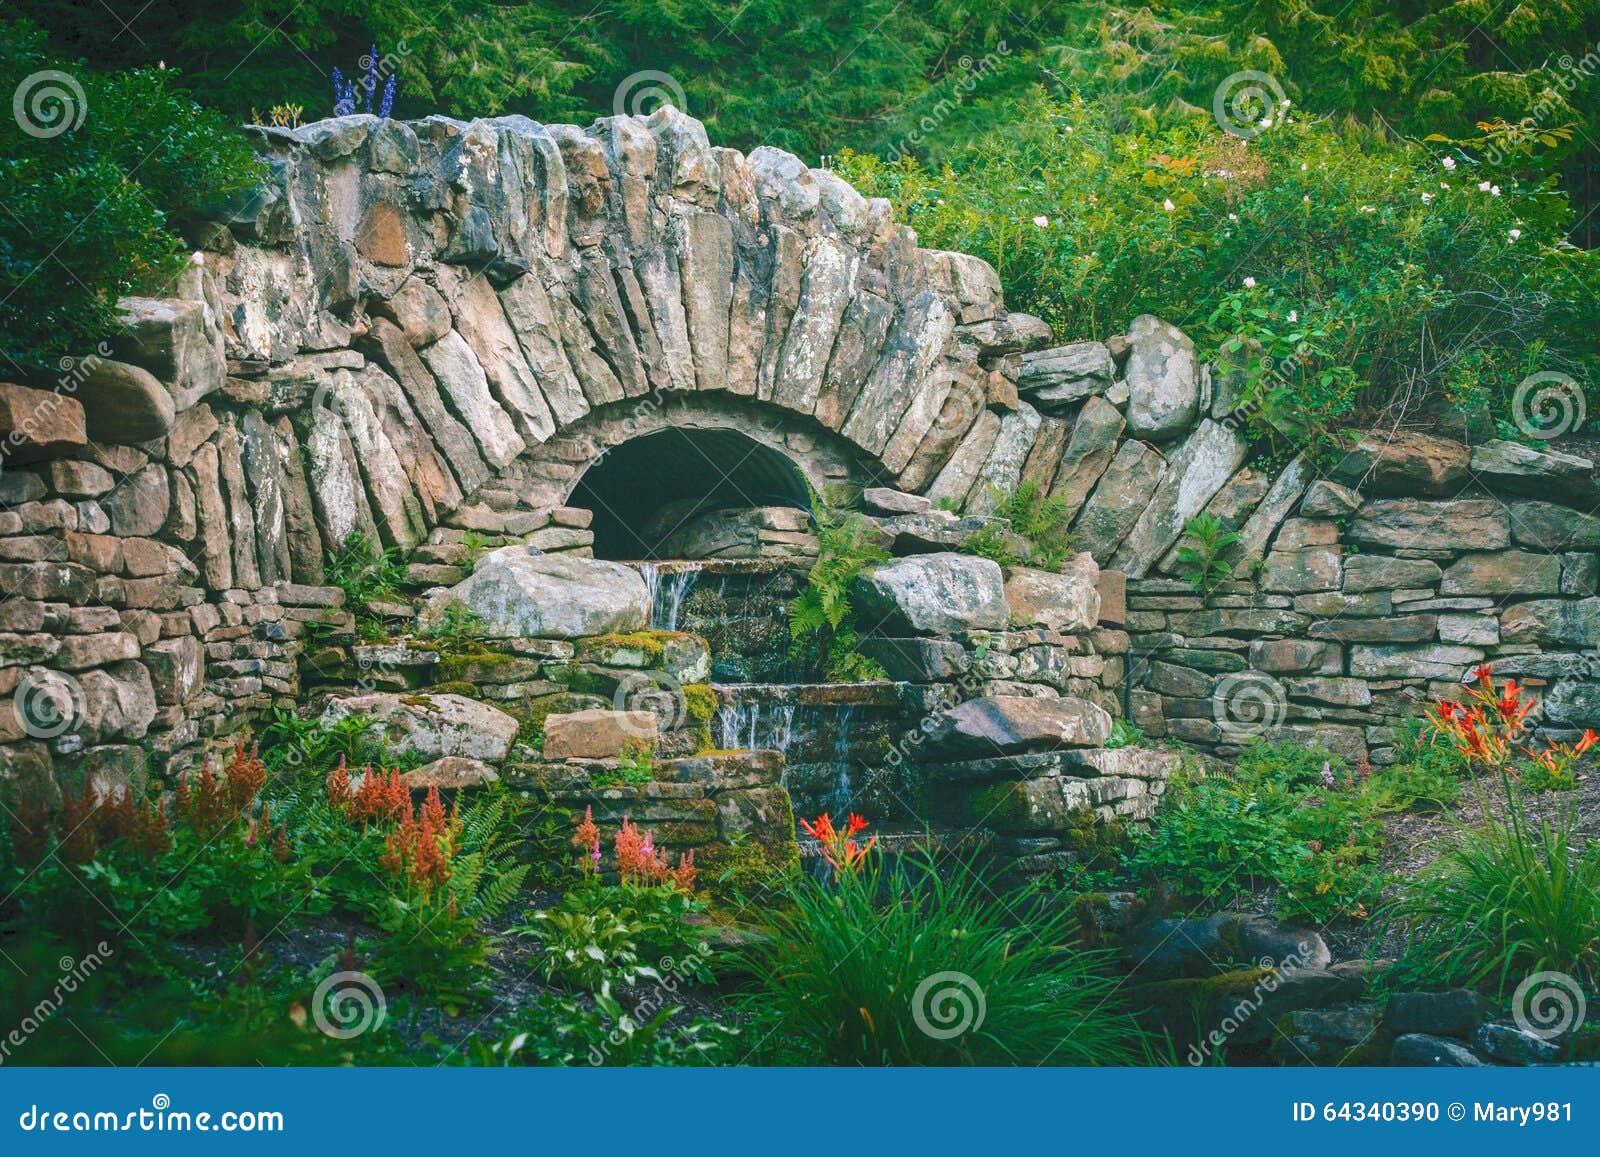 Cascada de piedra del jard n del puente foto de archivo for Cascadas de piedra para jardin